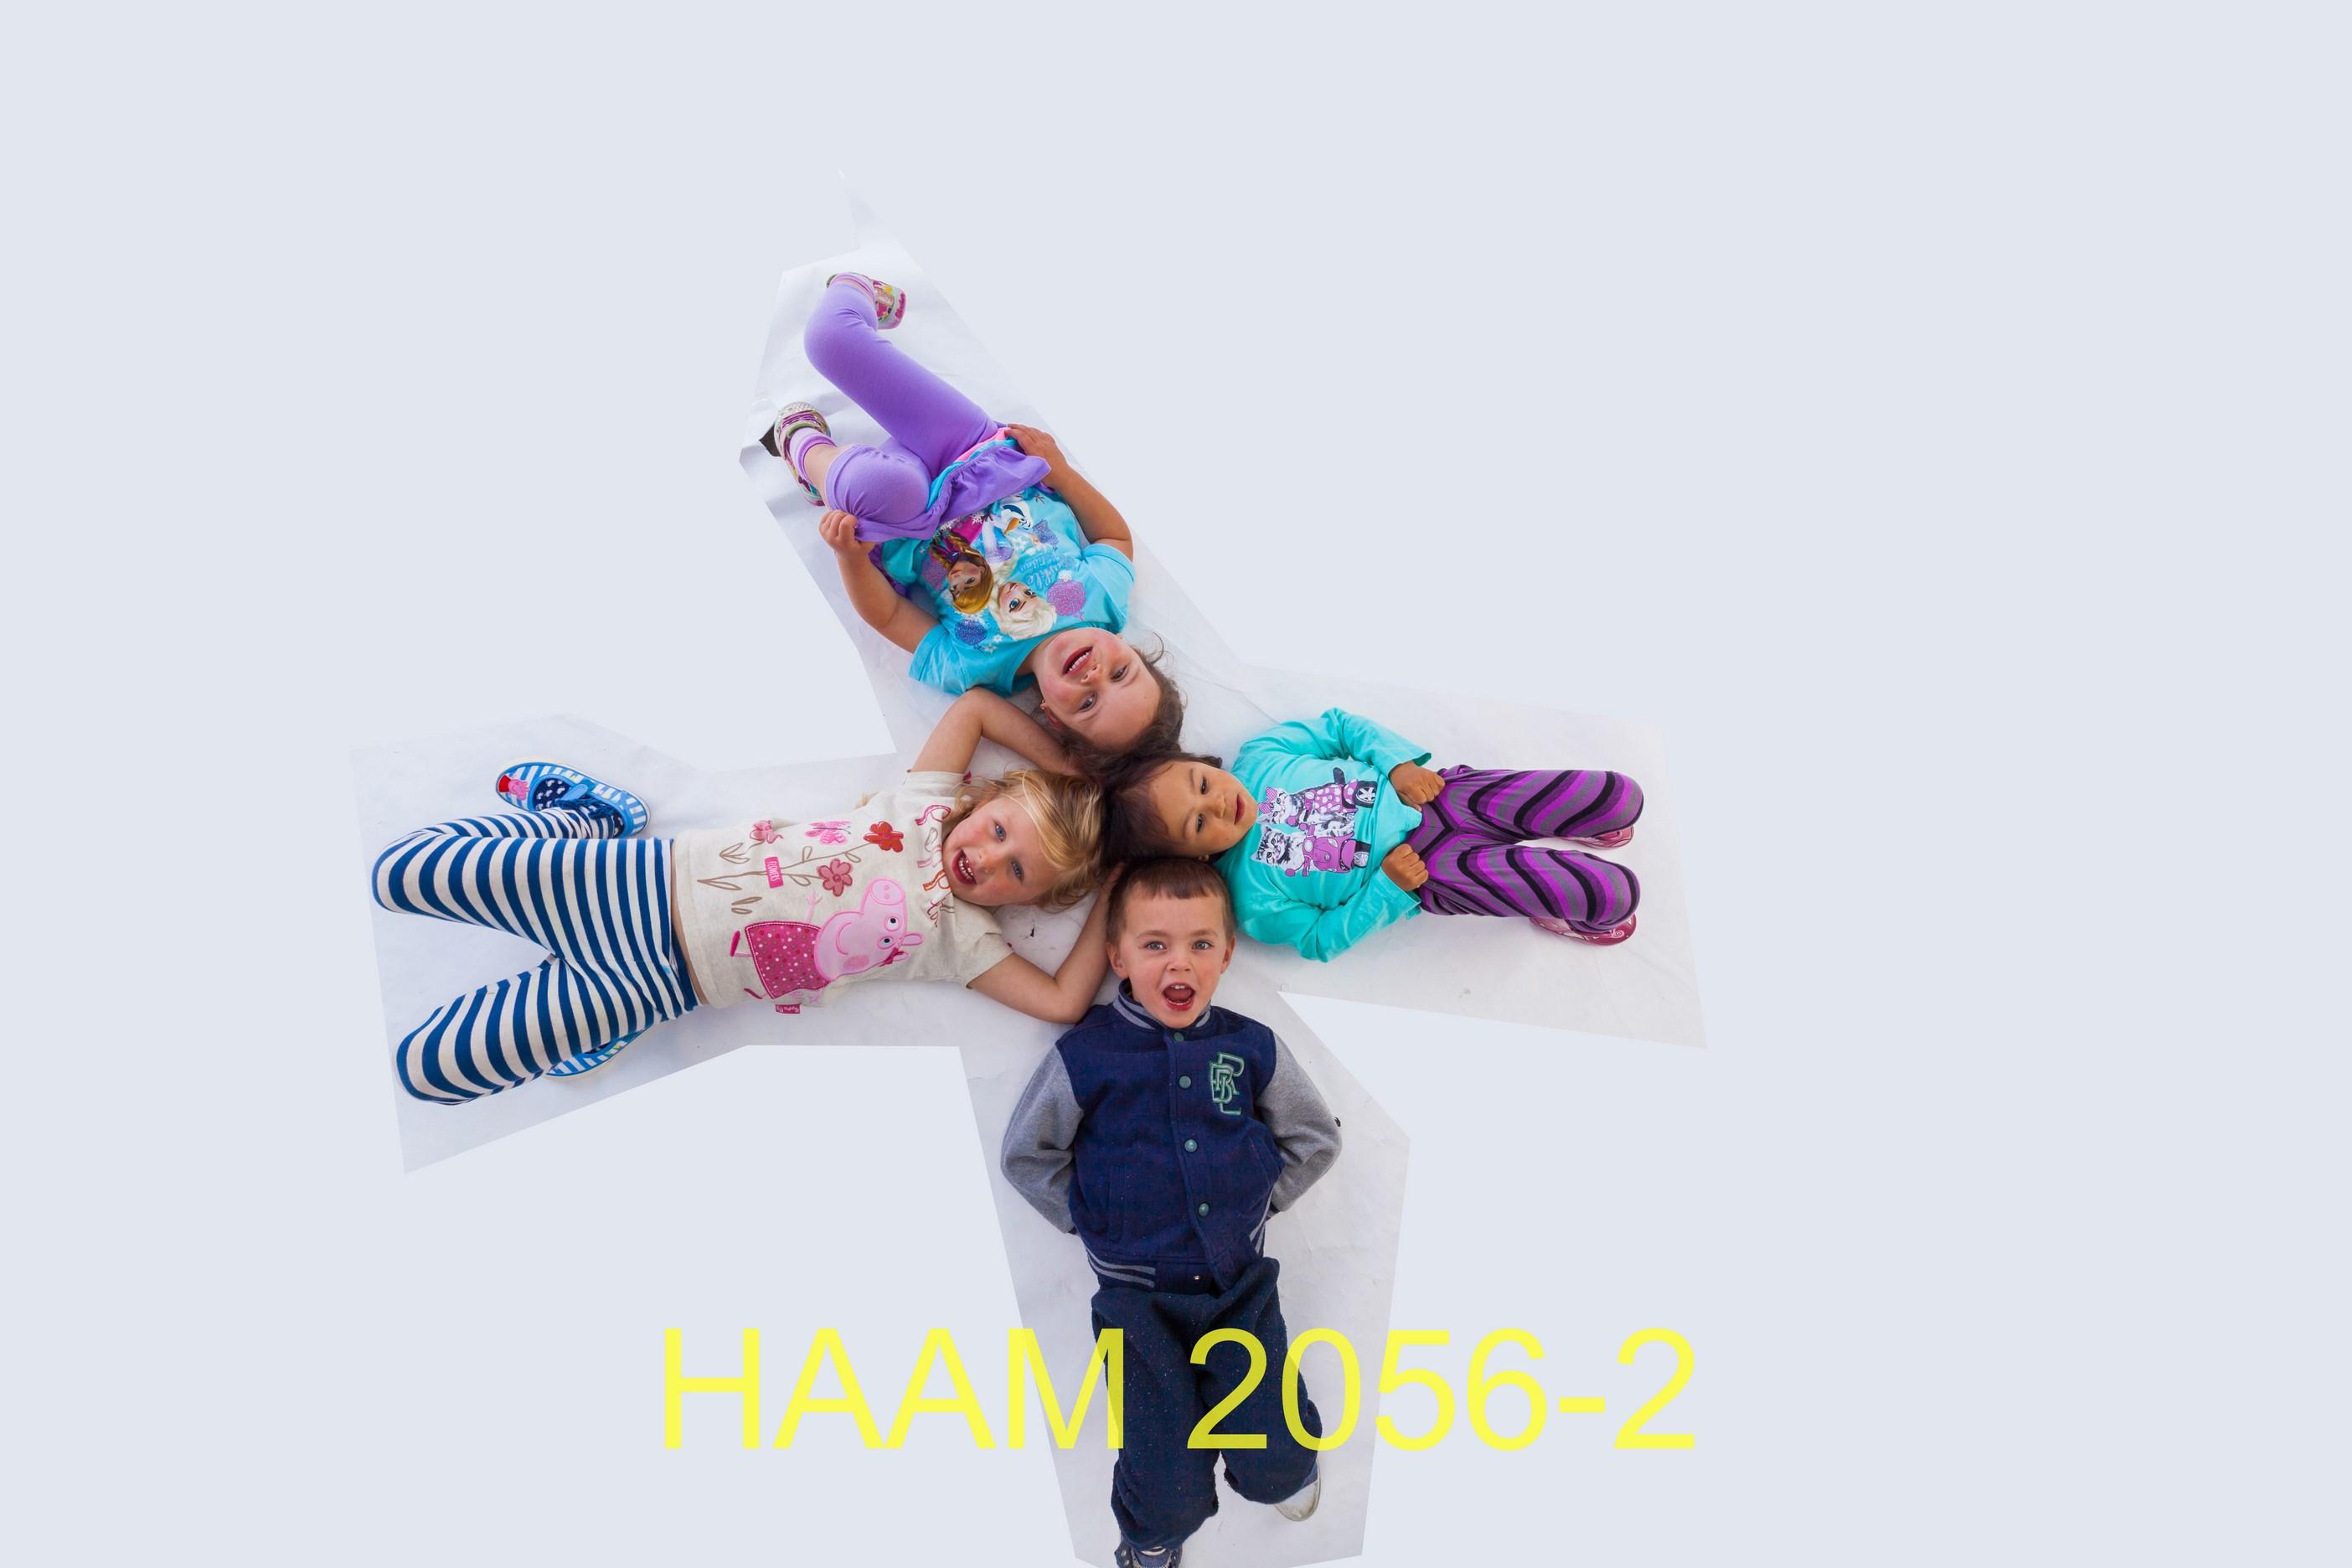 HAAM 2056-2